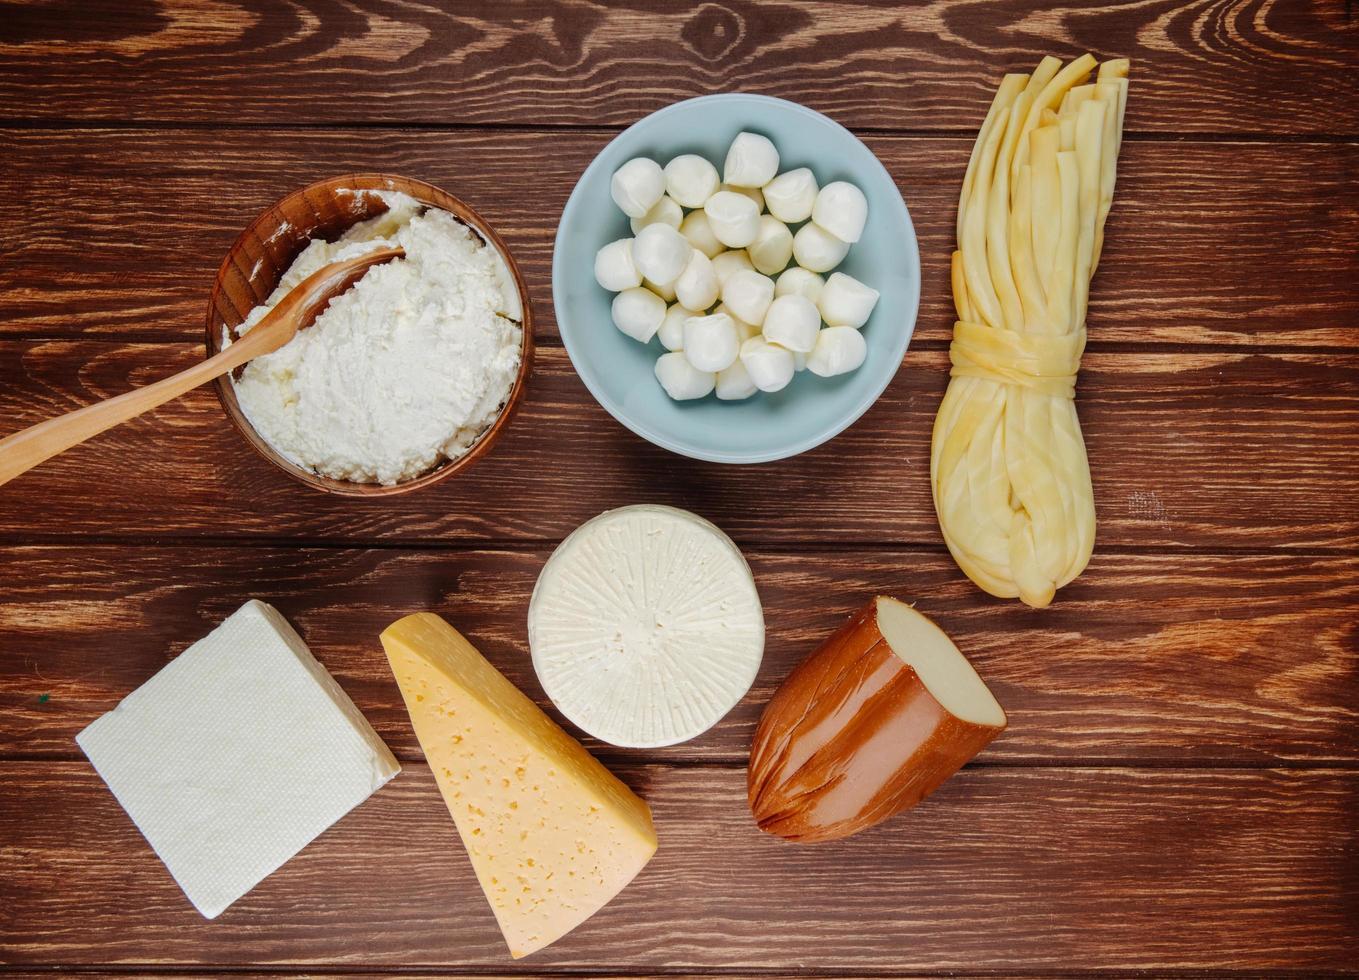 Vue de dessus d'un assortiment de fromages sur un fond en bois rustique photo